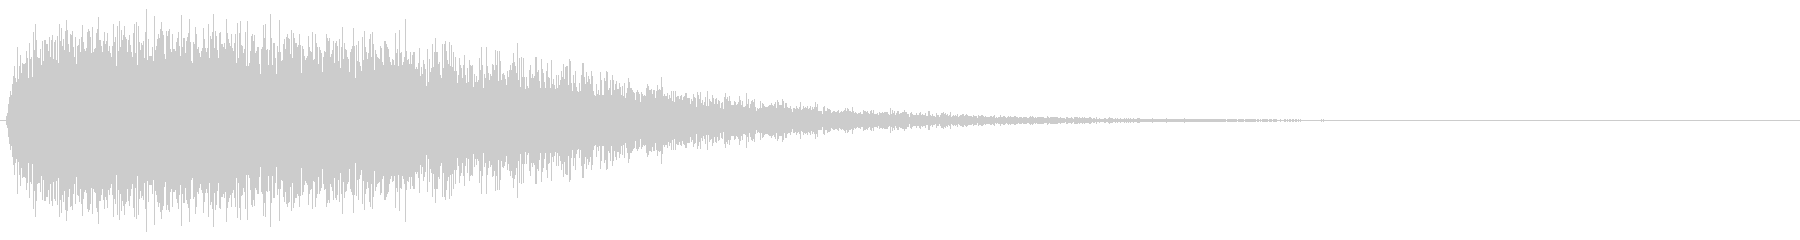 ビッグ残響メタルヒット6の未再生の波形